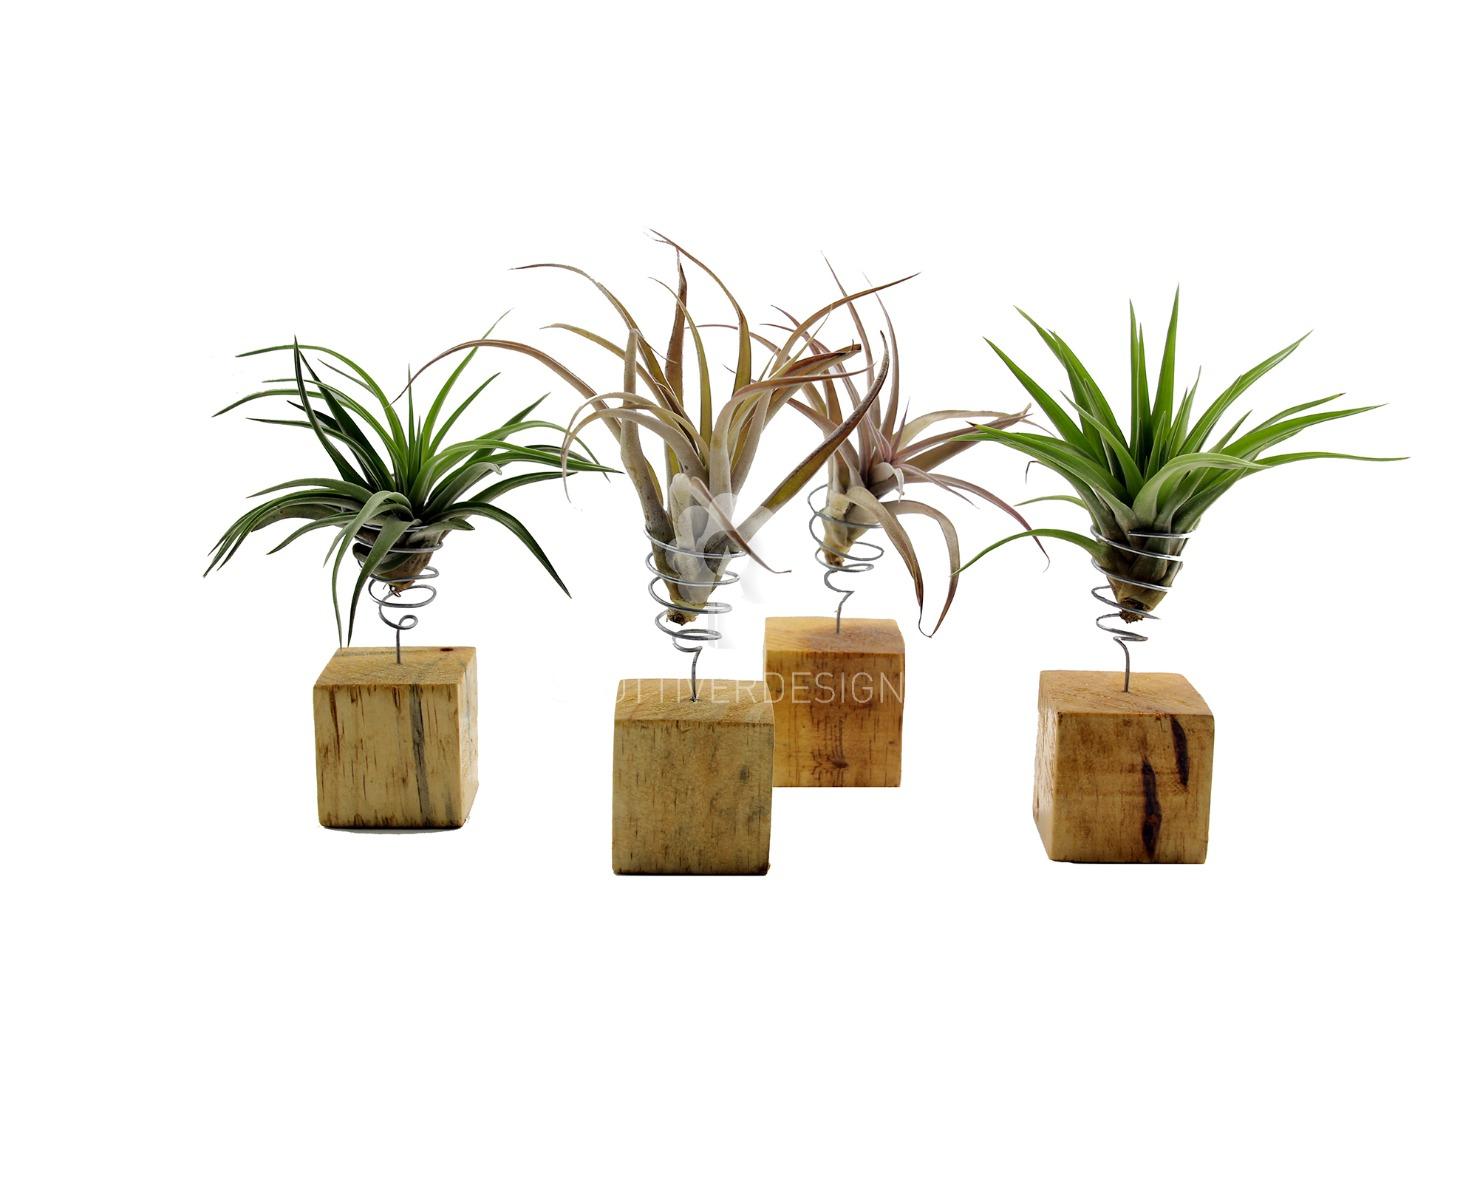 Bomboniere green: Piantine di Tillandsia su cubo di legno